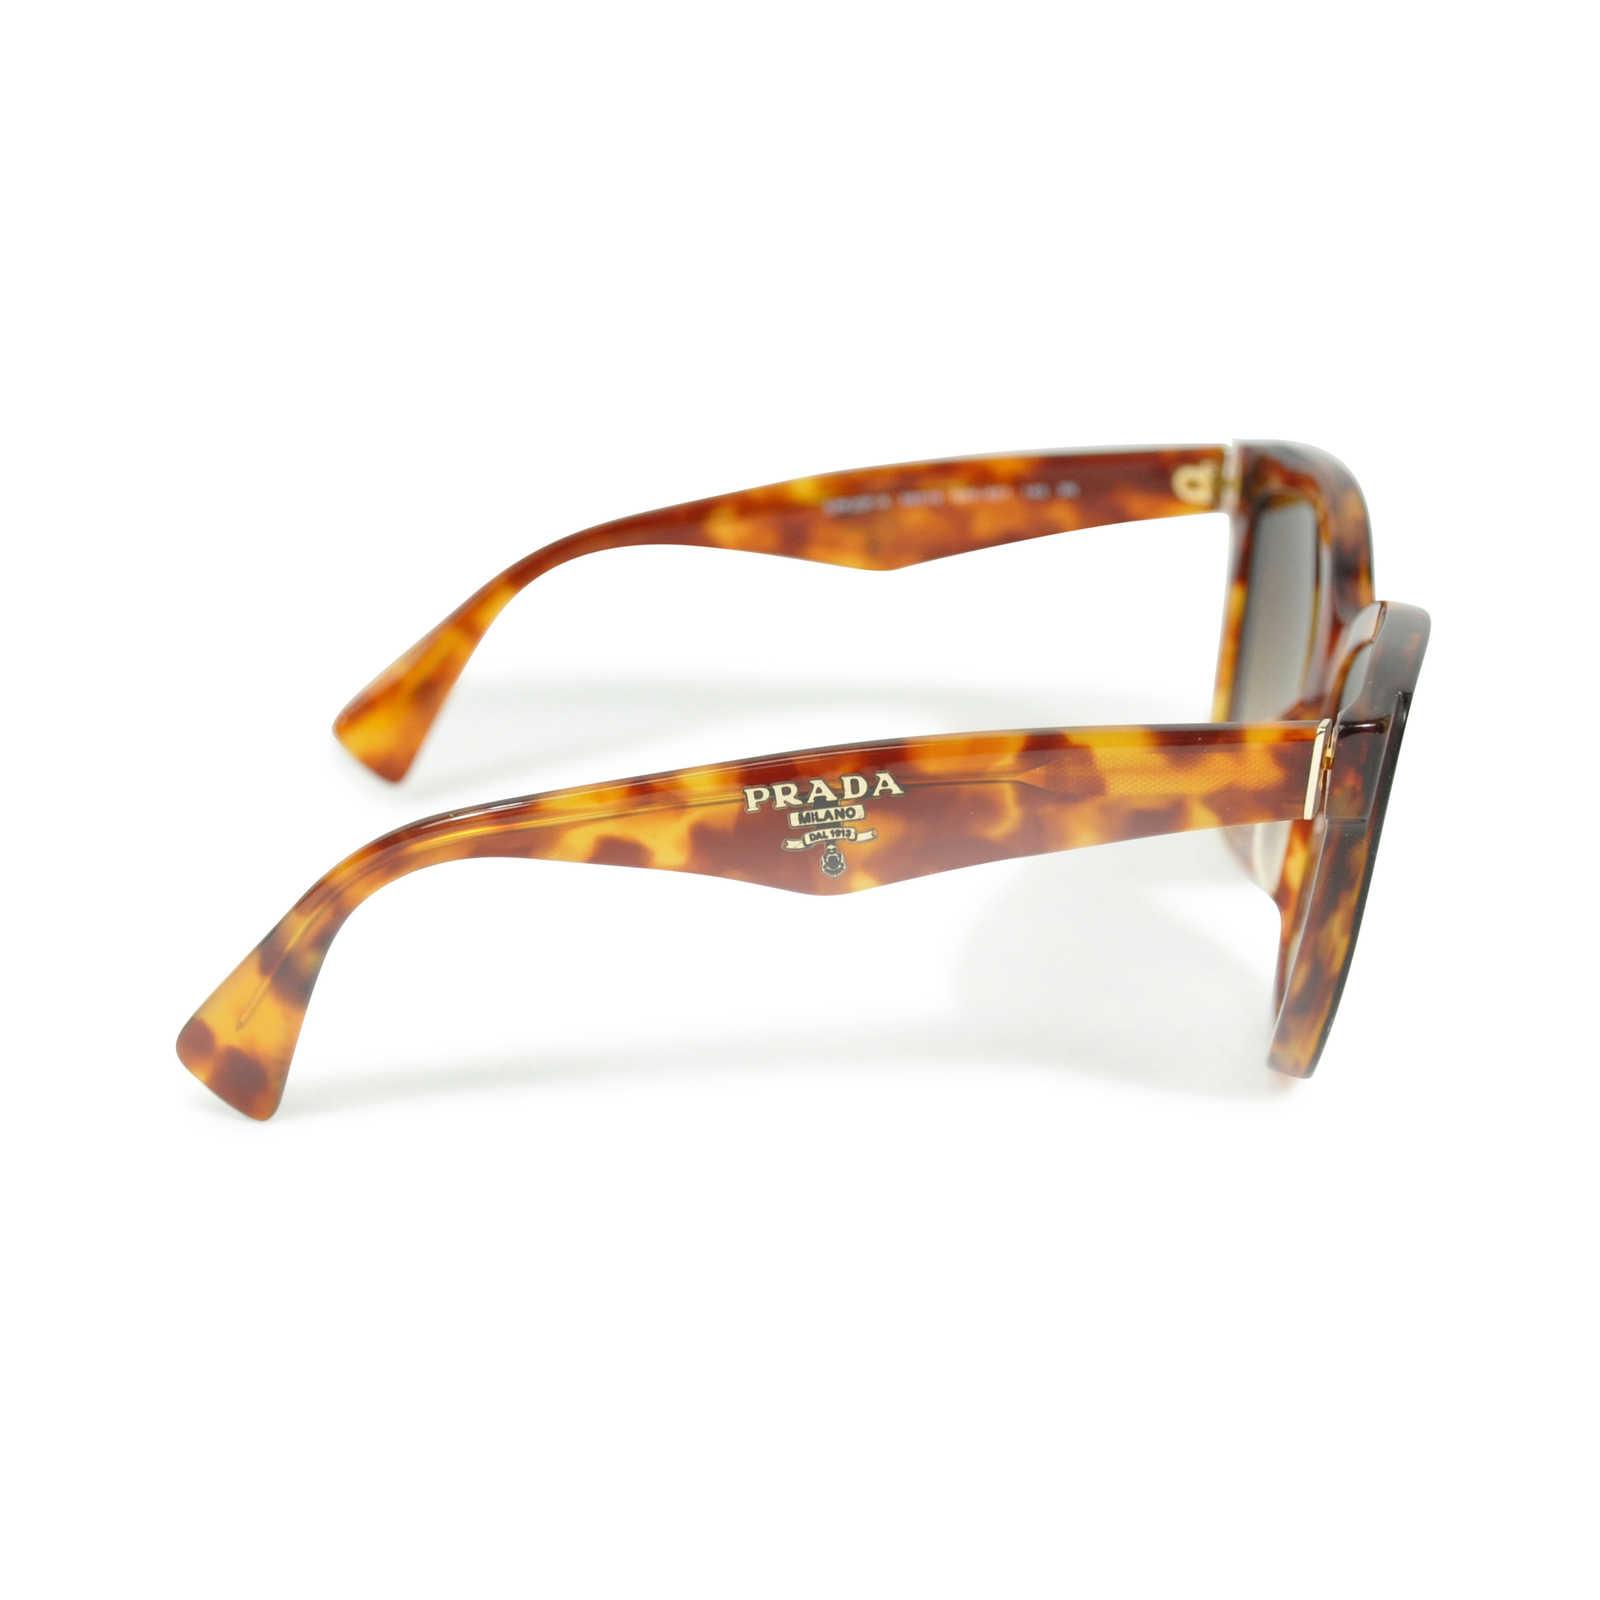 a736ad9bcf2 Prada Tortoise Shell Glasses Frames For Women